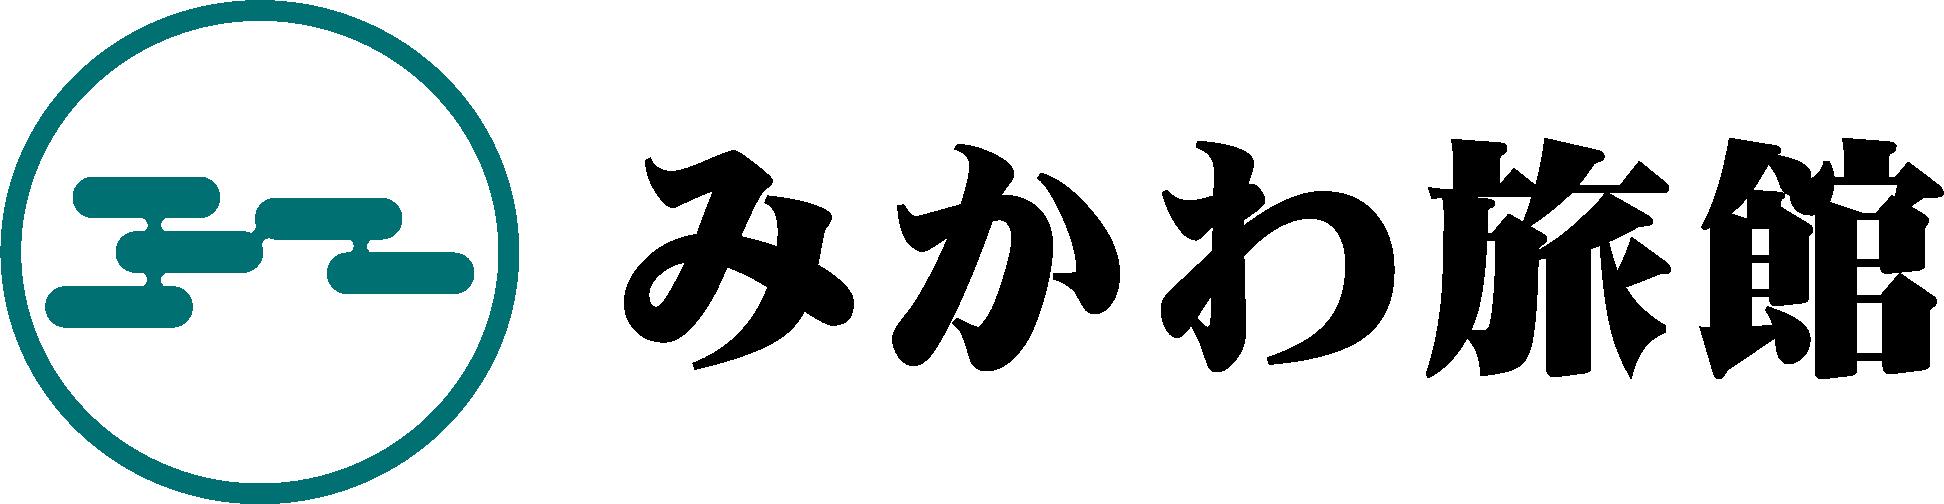 みかわ旅館「ビジネス公式」長期宿泊者専用ウェブサイト